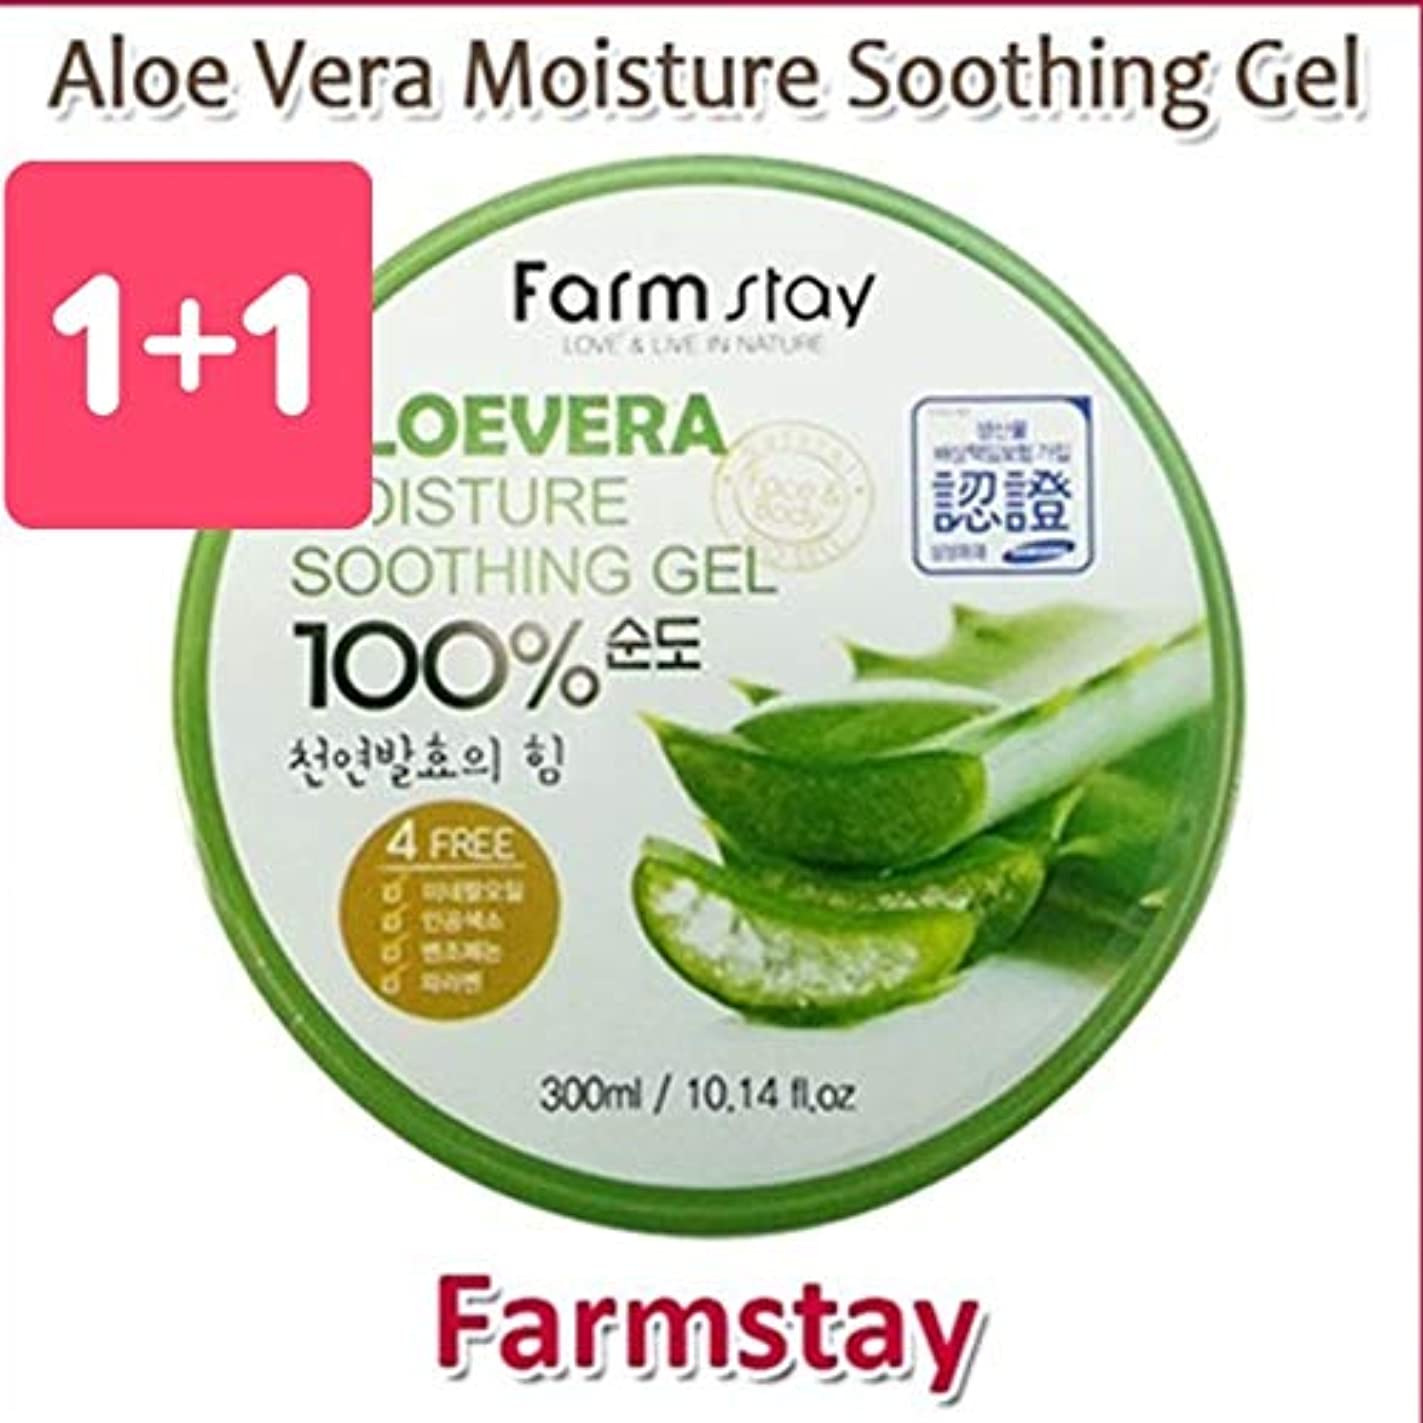 休憩ノート繁殖Farm Stay Aloe Vera Moisture Soothing Gel 300ml 1+1 Big Sale/オーガニック アロエベラゲル 100%/保湿ケア/韓国コスメ/Aloe Vera 100% /Moisturizing [並行輸入品]